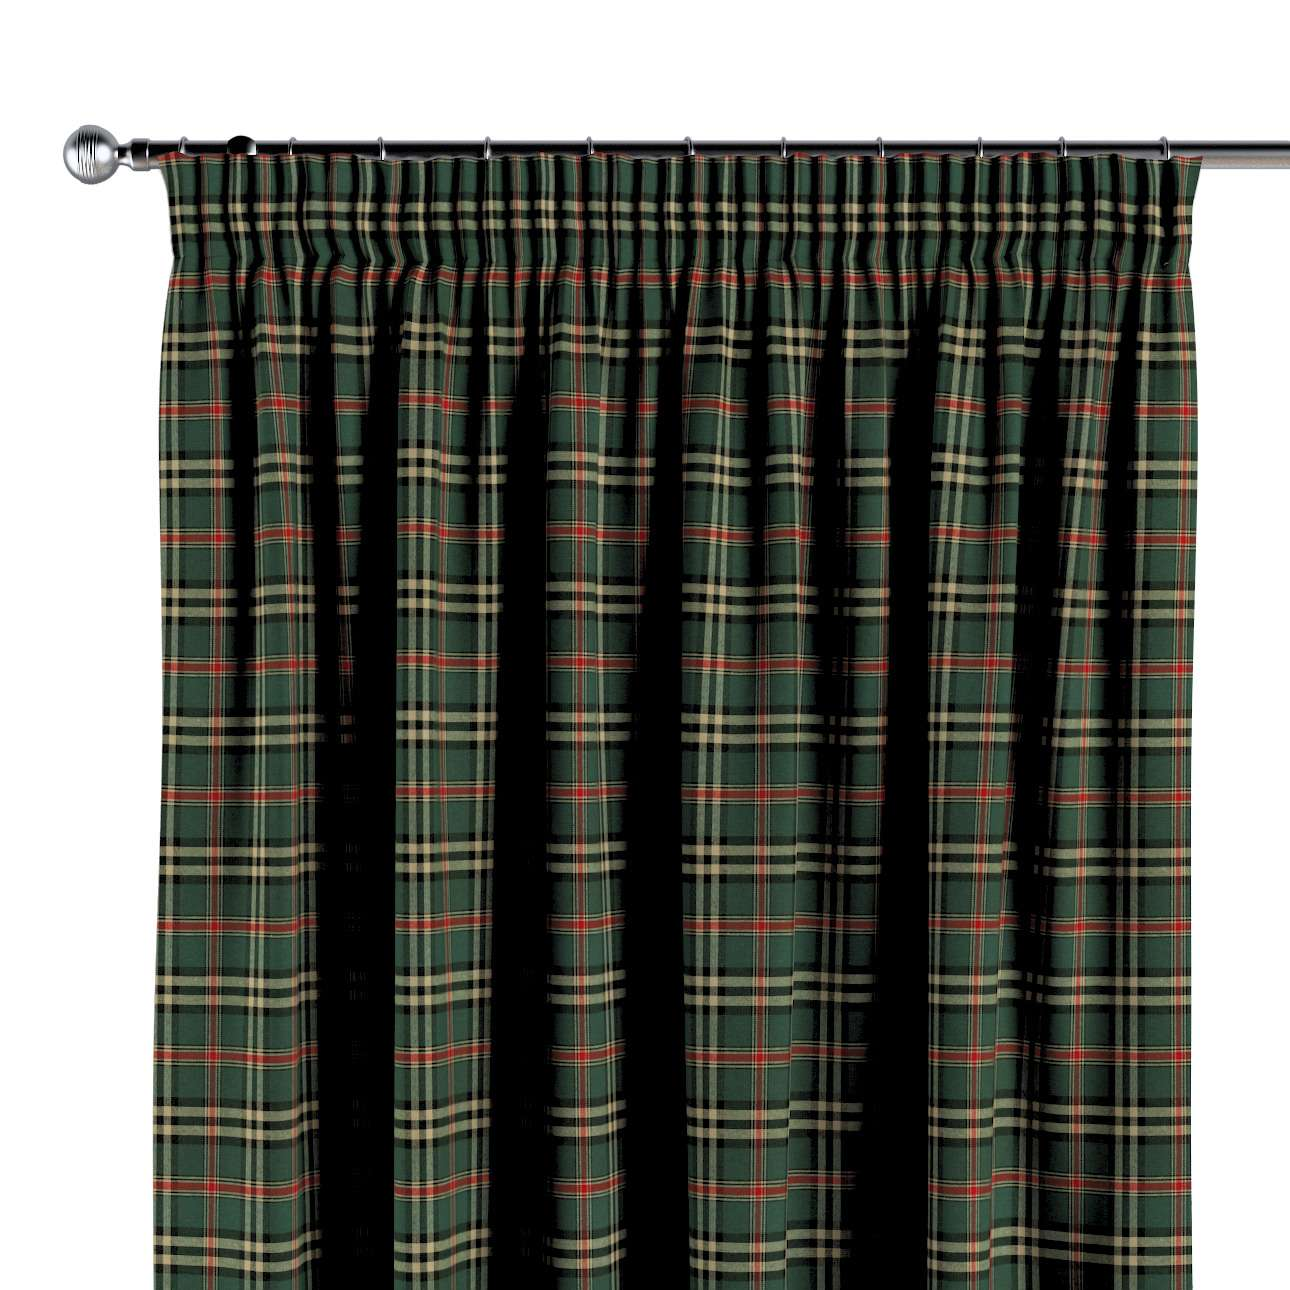 Vorhang mit Kräuselband von der Kollektion Bristol, Stoff: 142-69